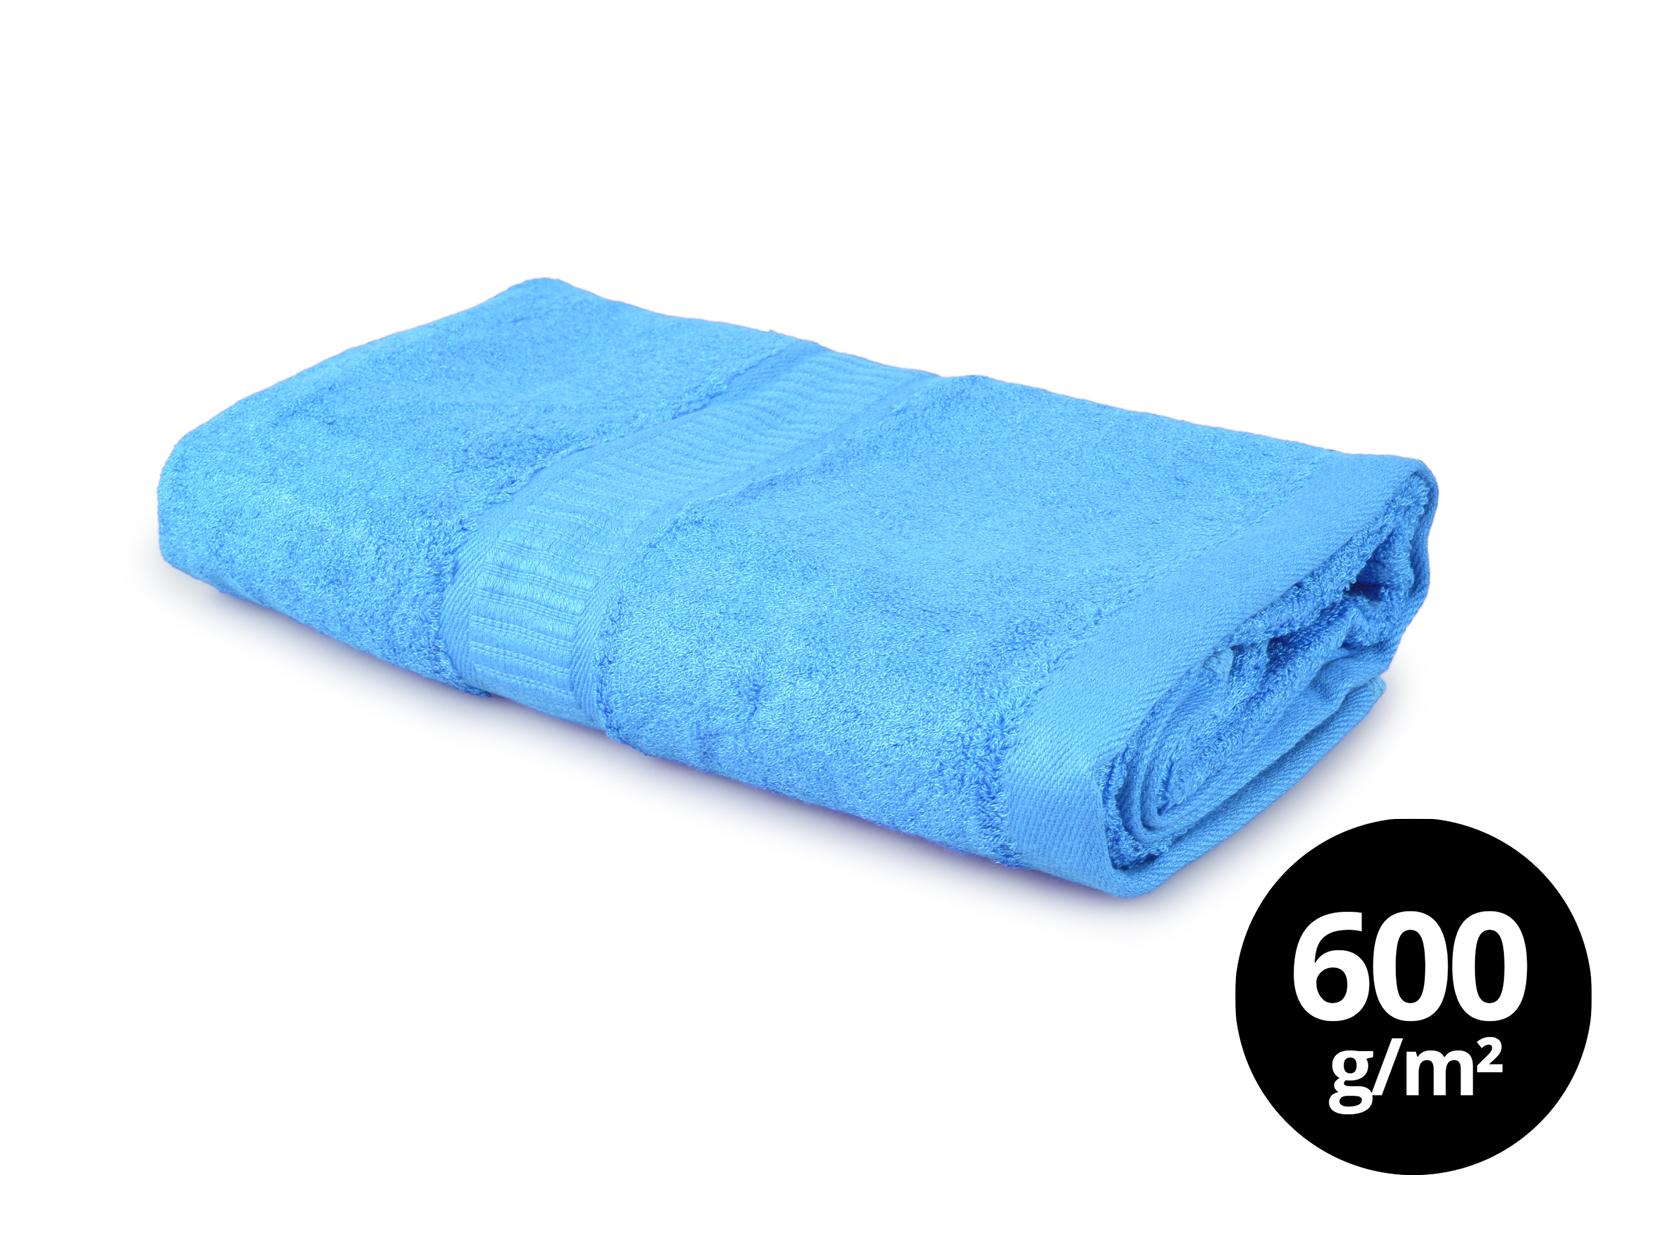 BAMBOO velký ručník  s elegantní bordurou modrý